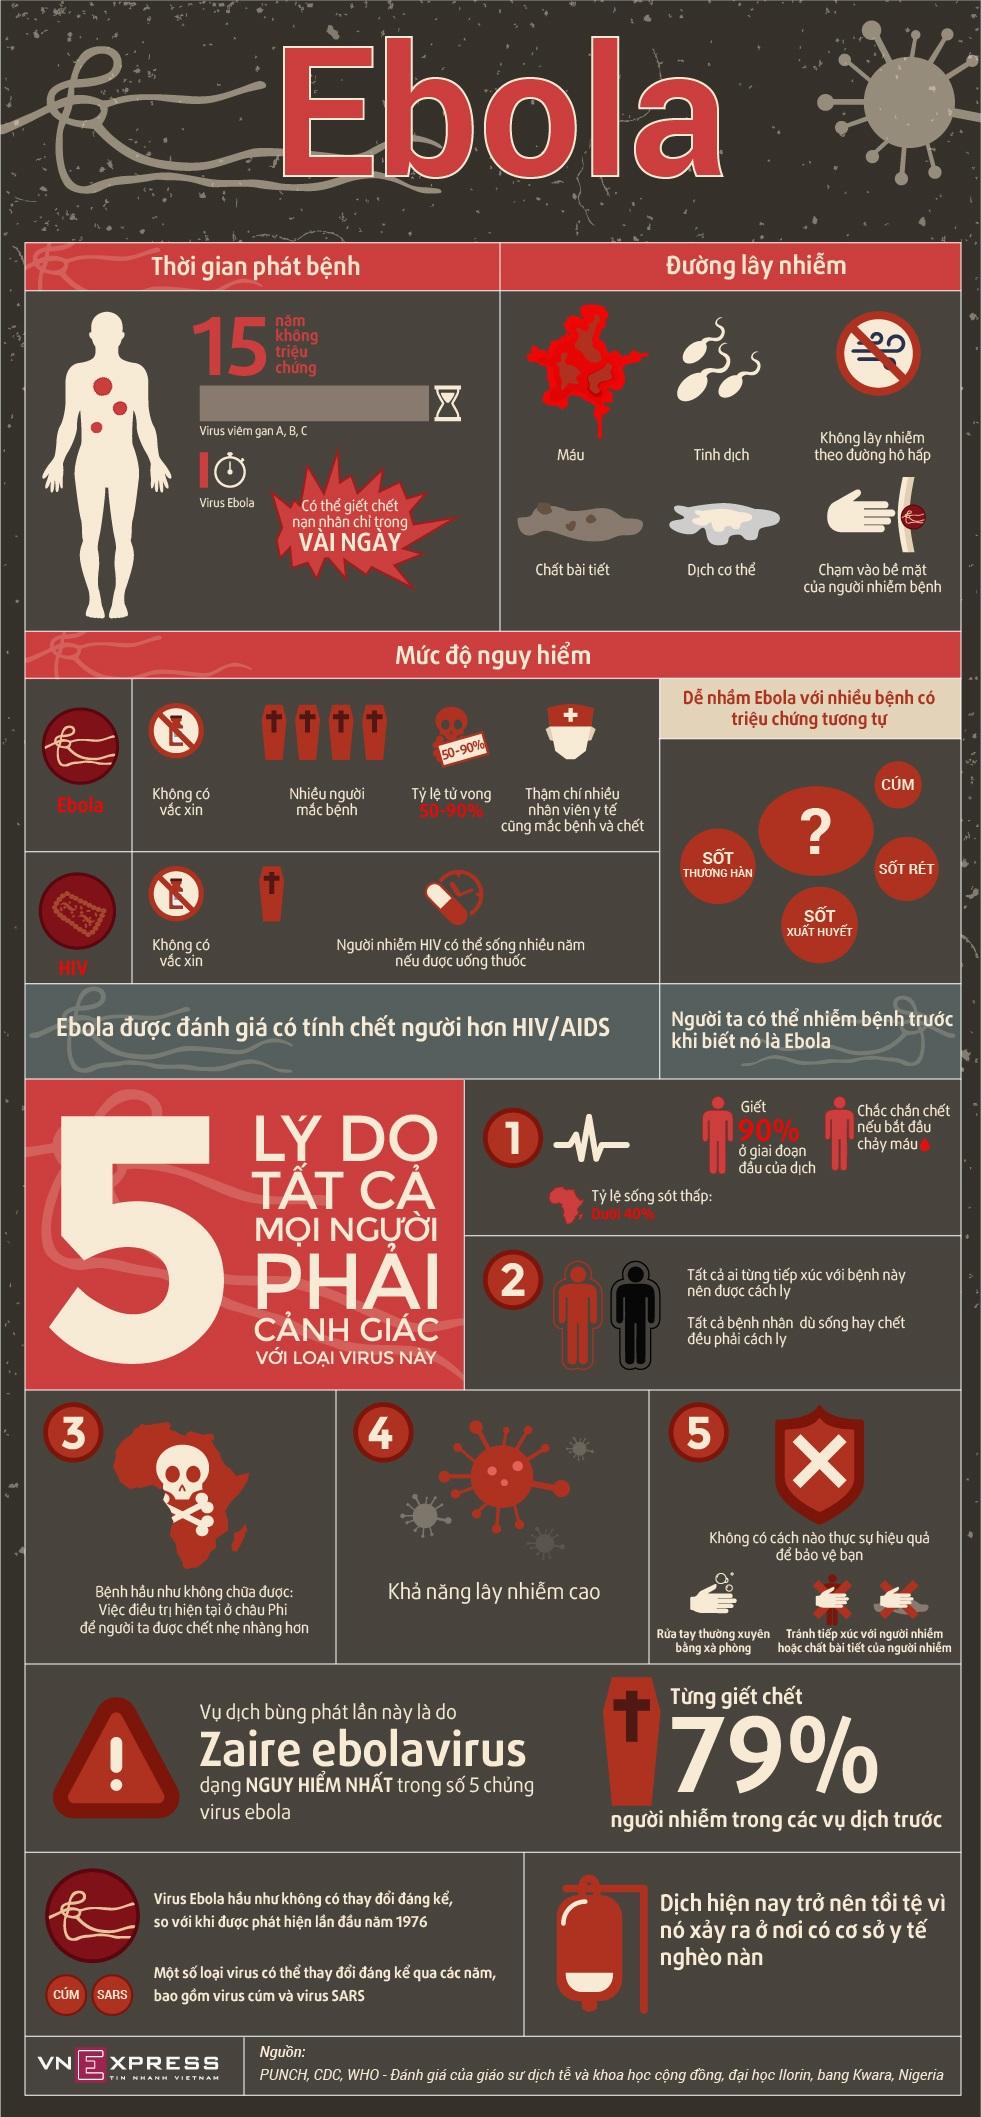 Infographic - Ebola và Những Điều Cần Biết